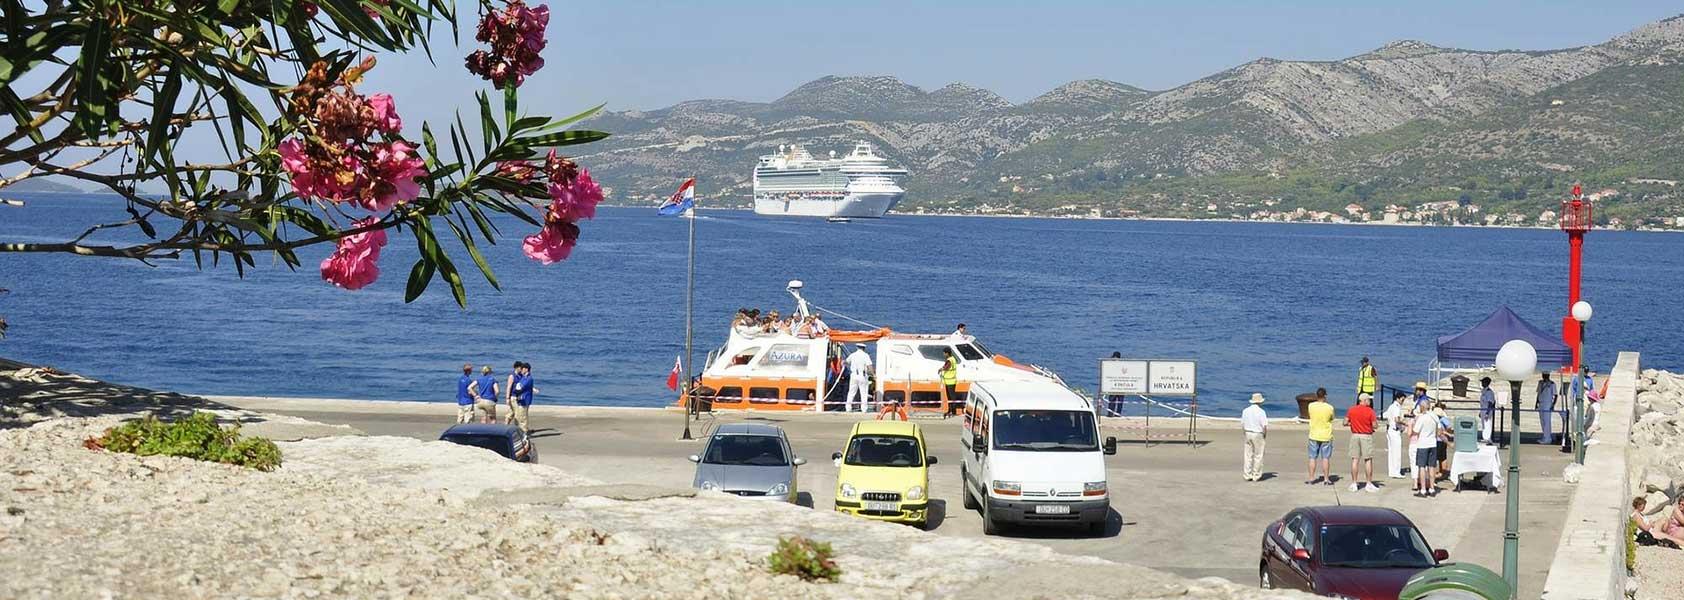 Kroatië | Wandelvakantie Dalmatische kust & Korcula